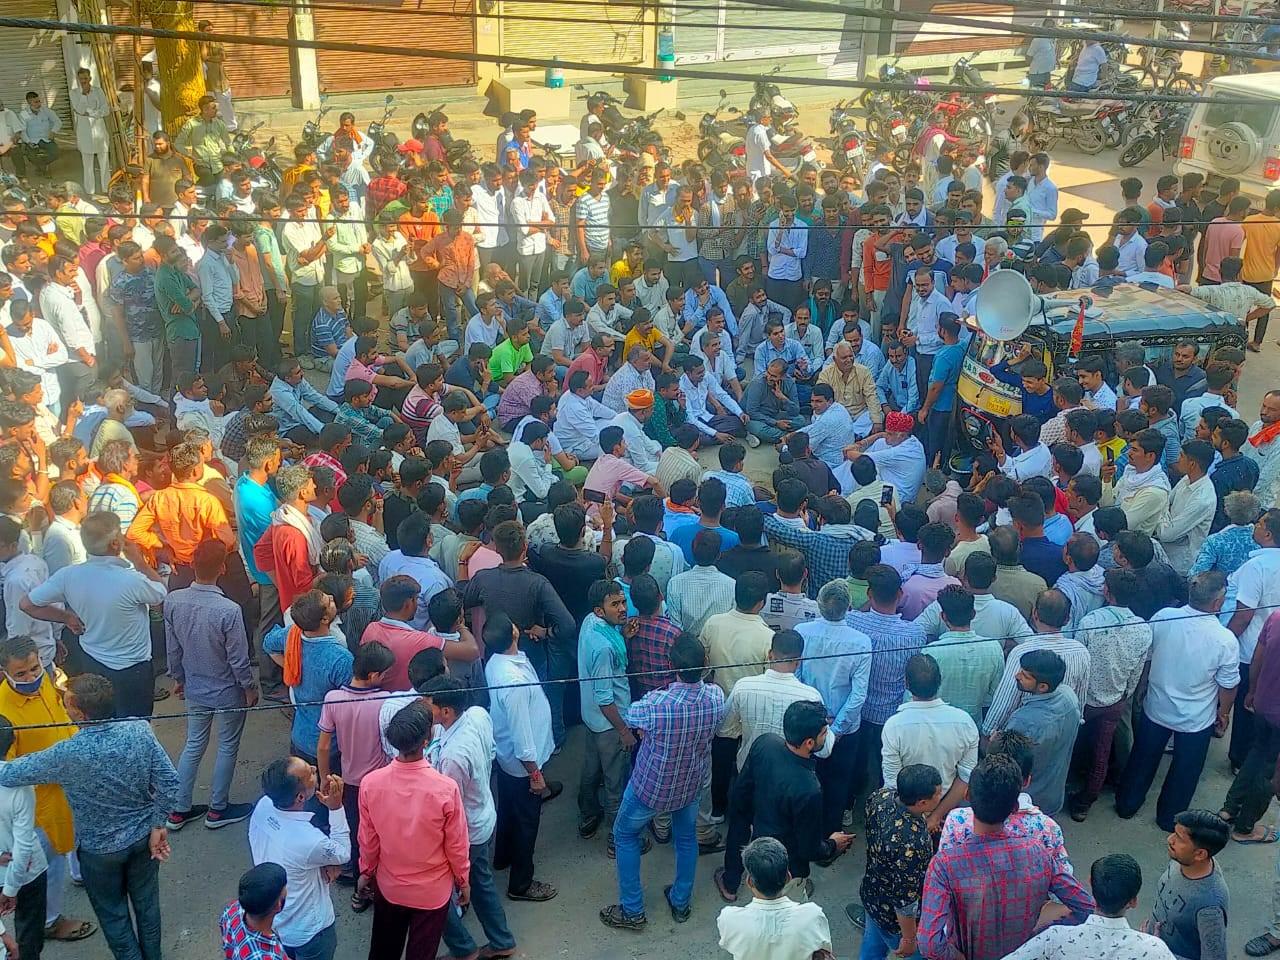 दो पक्षों के आमने-सामने होने के बाद शहर बंद, एक पक्ष सड़कों पर उतरा; पुलिस ने संभाला मोर्चा|बीकानेर,Bikaner - Dainik Bhaskar